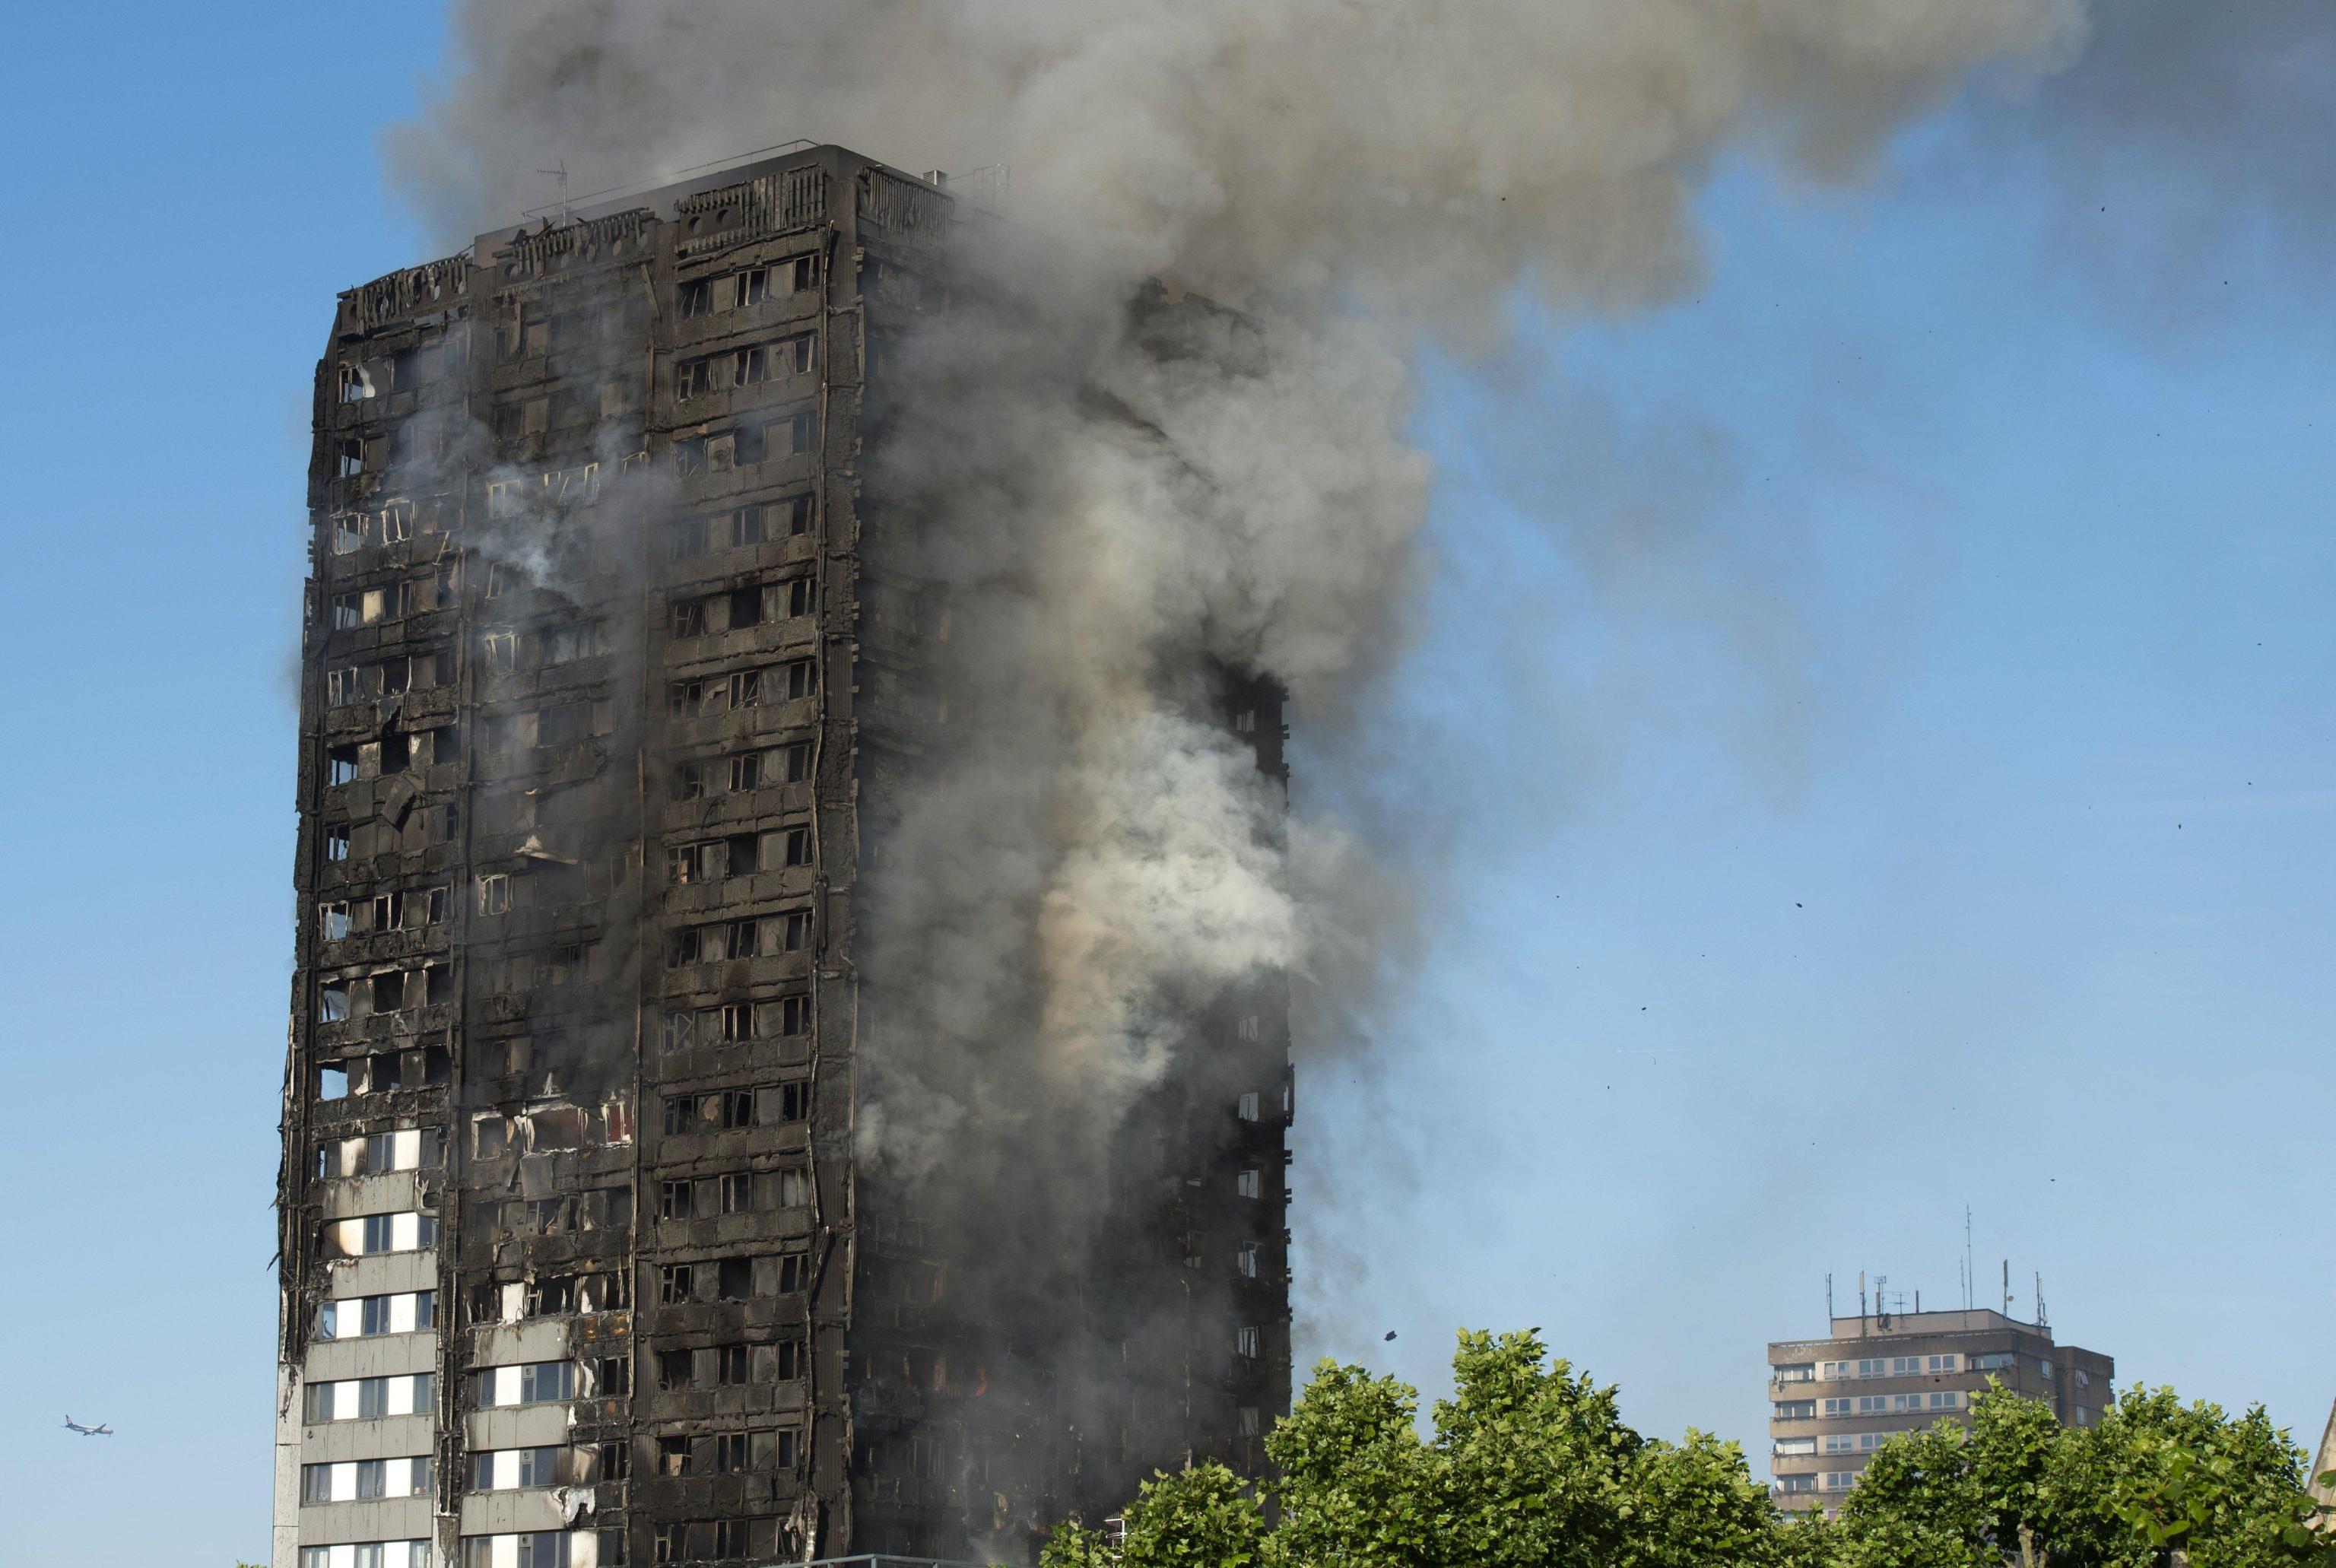 Incendio Londra Grenfell Tower: la testimonianza in tempo reale su Twitter di una inquilina in fuga